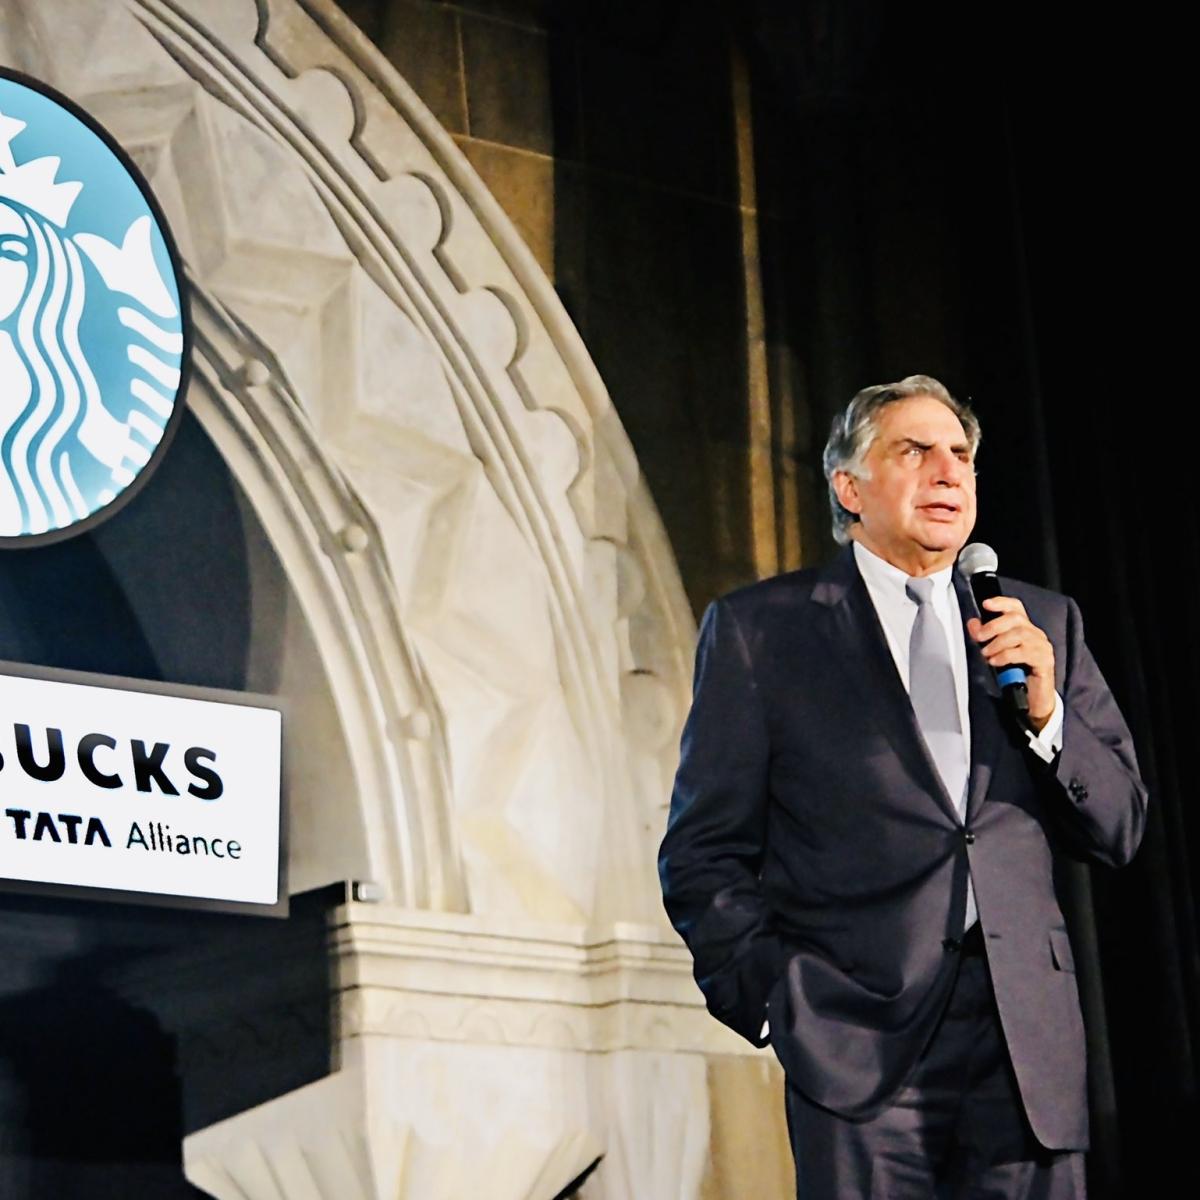 What did Tata Starbucks brew in 2019-20?